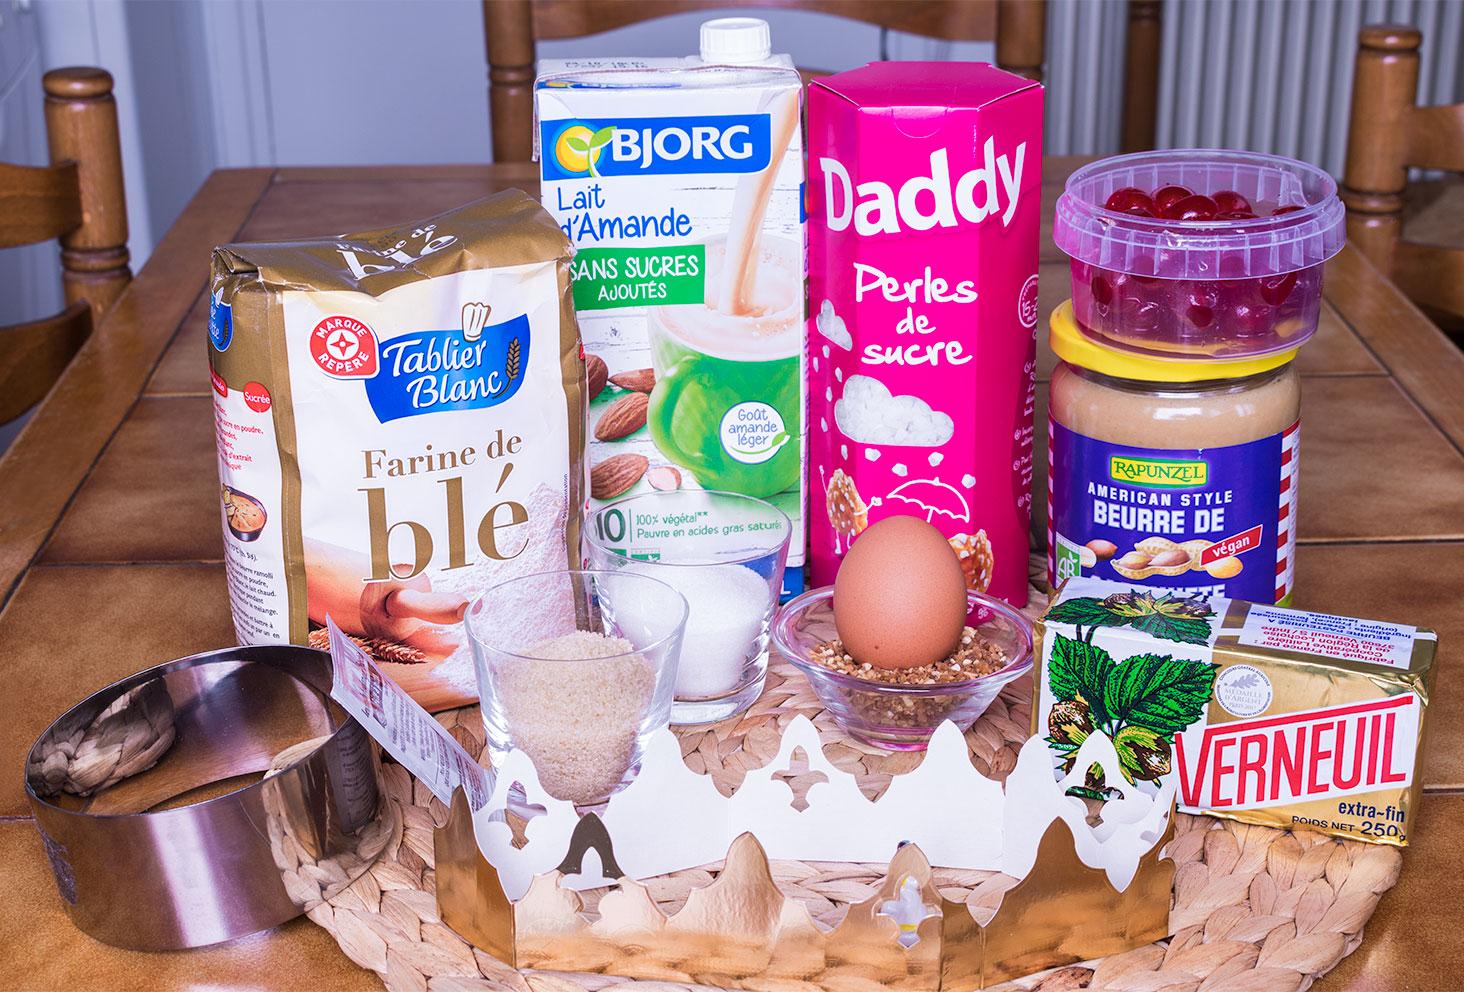 Ensemble des ingrédients nécessaires à la réalisation de la couronne des rois au beurre de cacahuètes